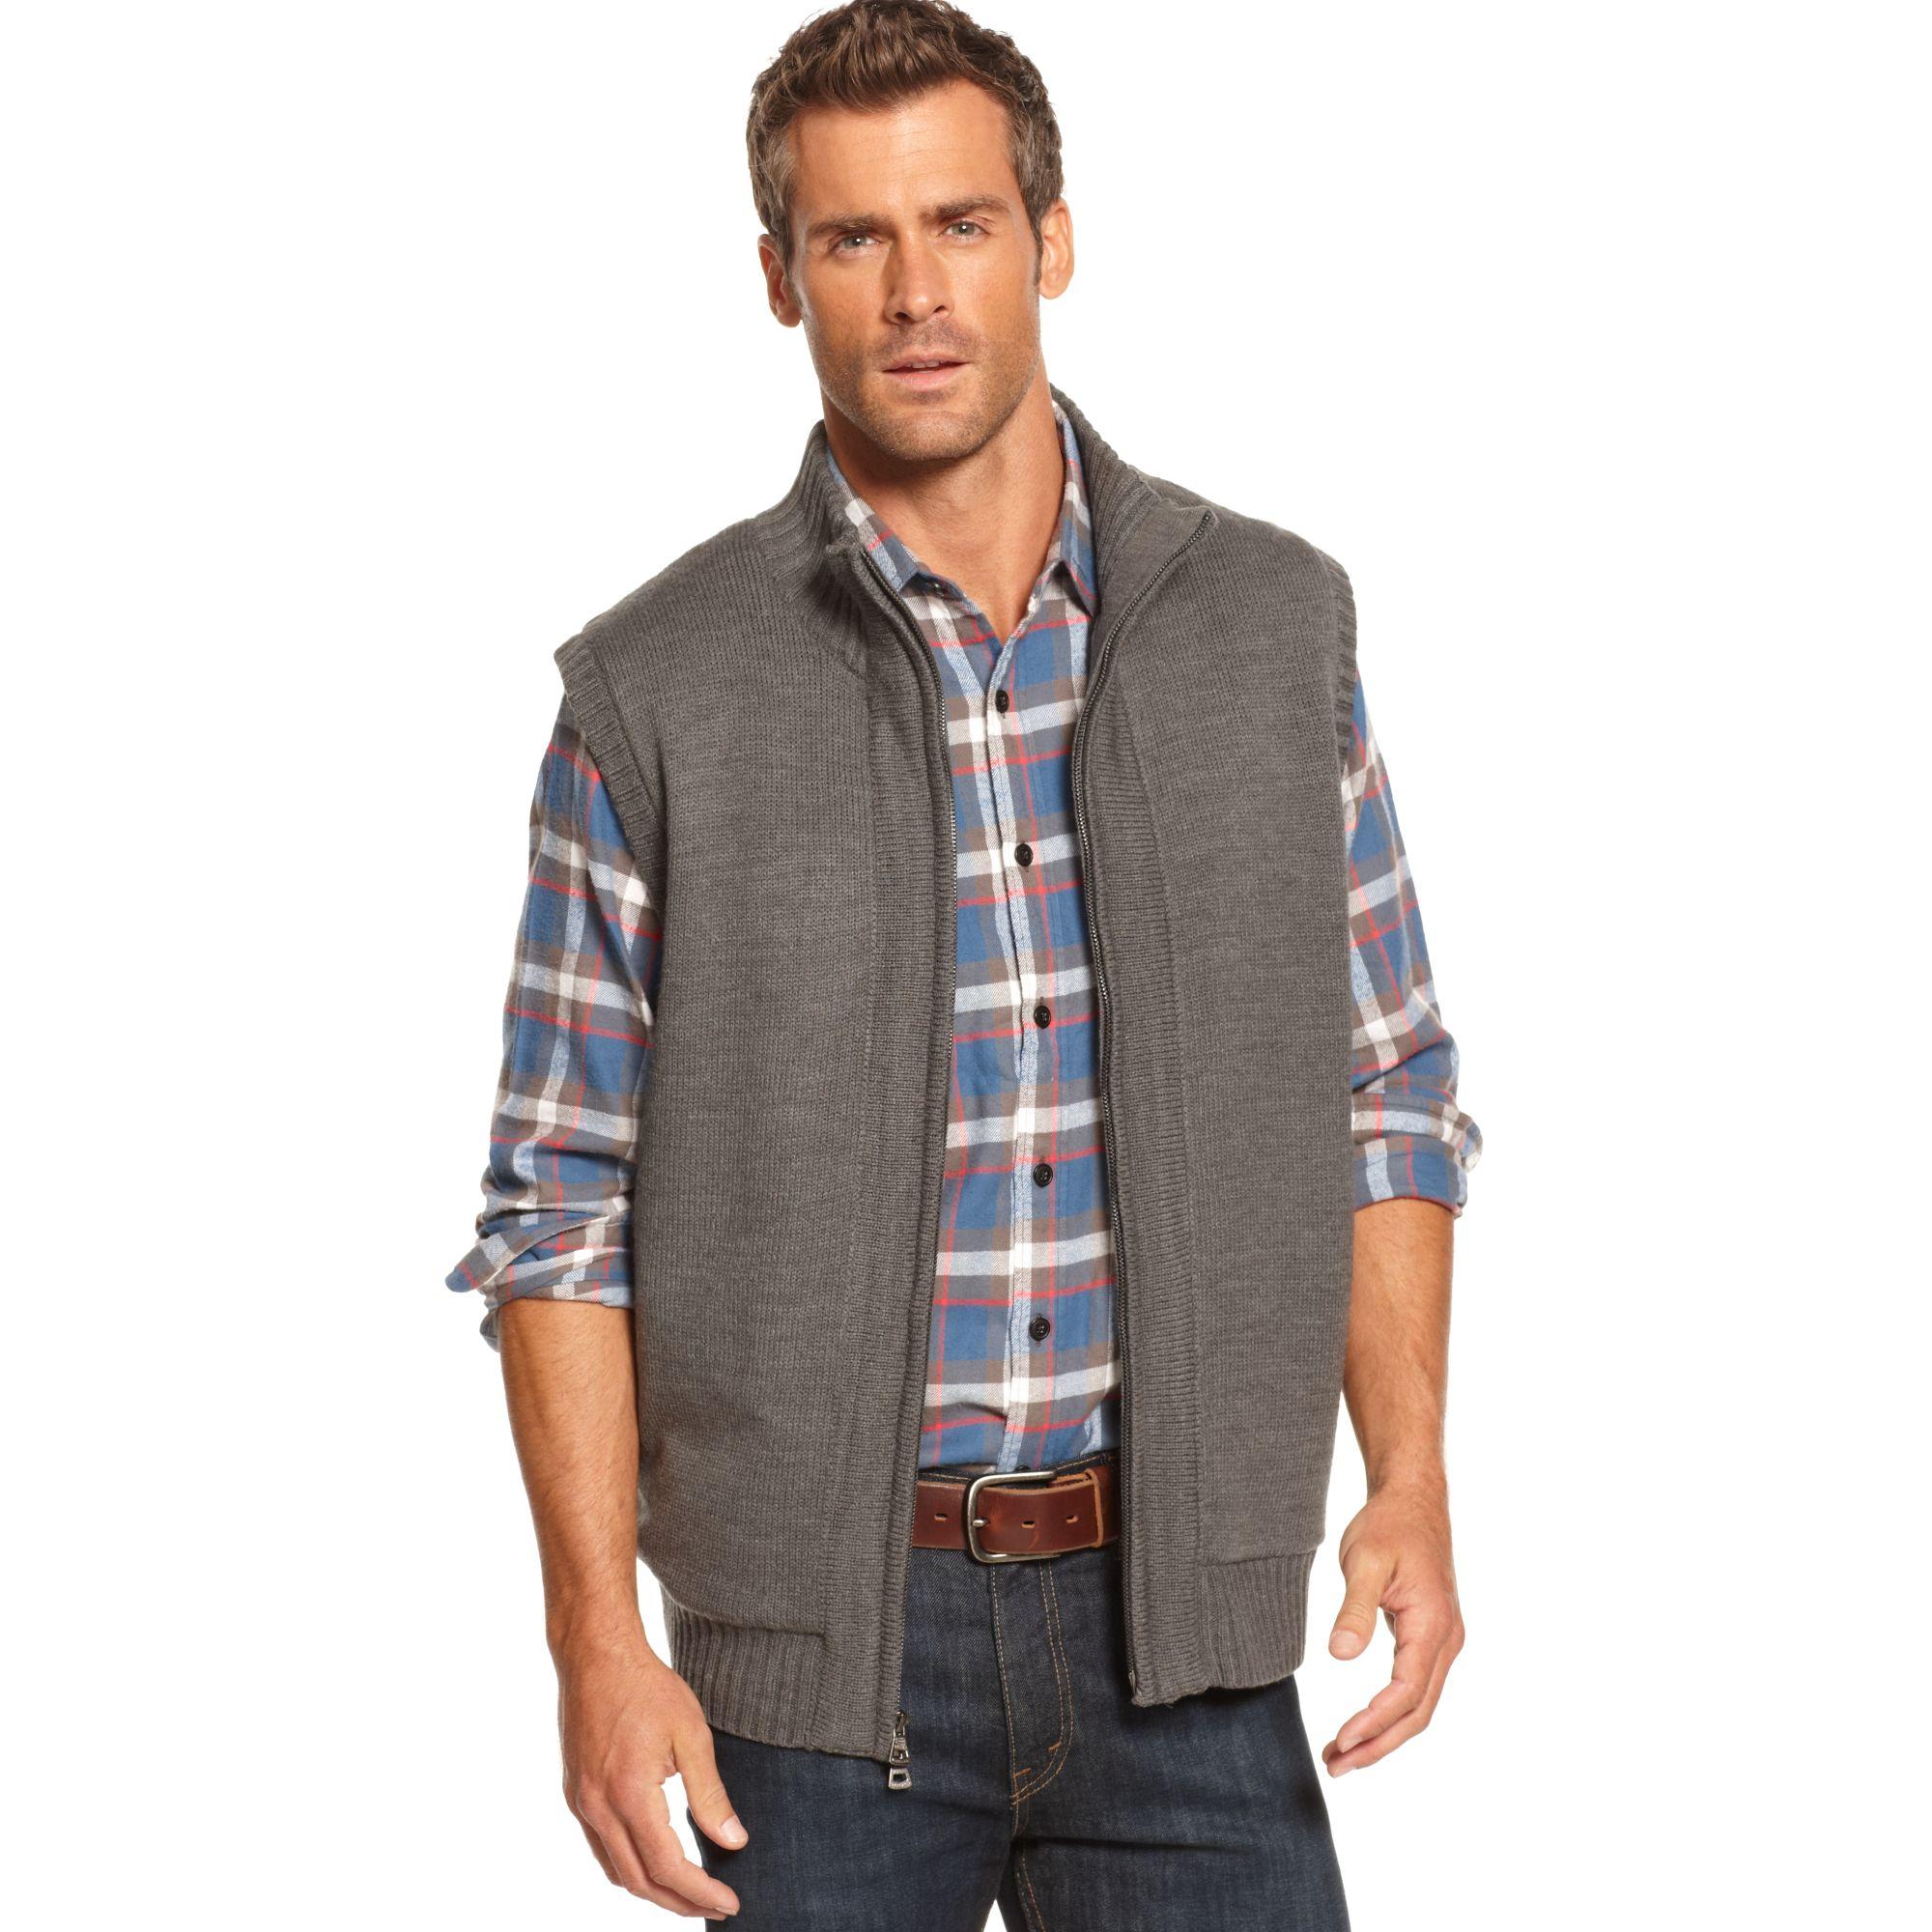 Zip Front Sweater Vest - Gray Cardigan Sweater